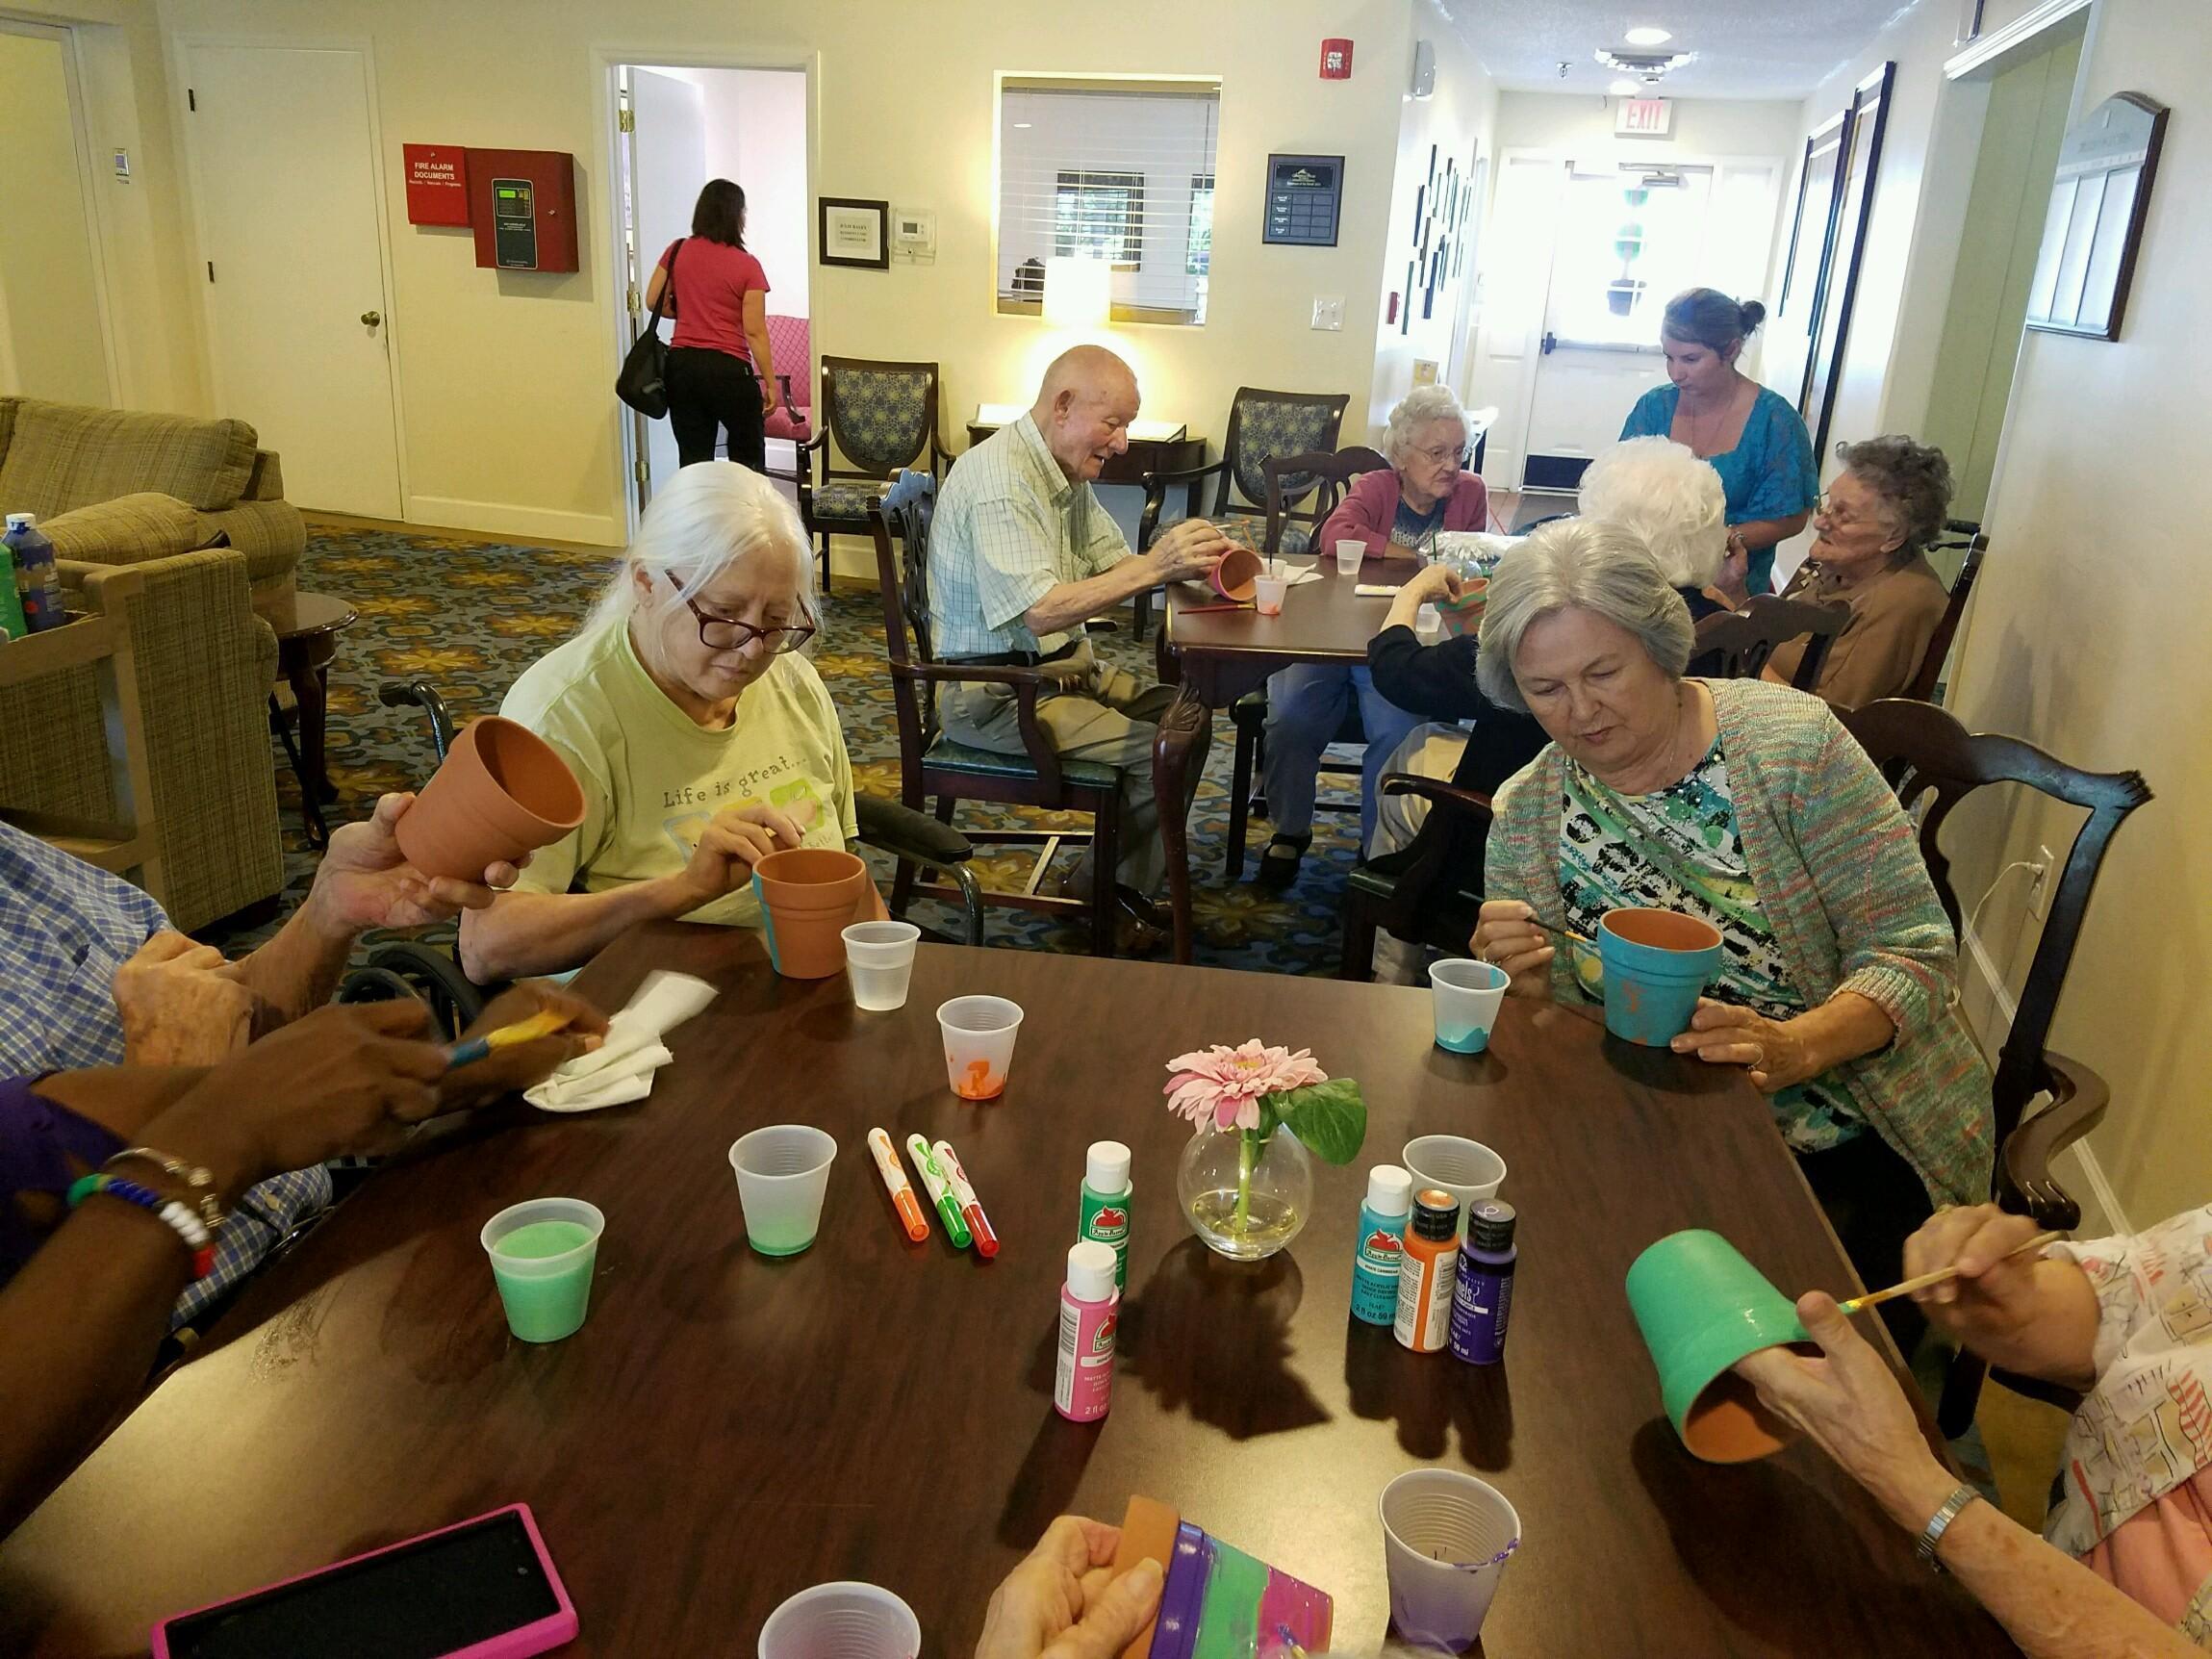 Residents at Savannah Court of Camilla Senior Living